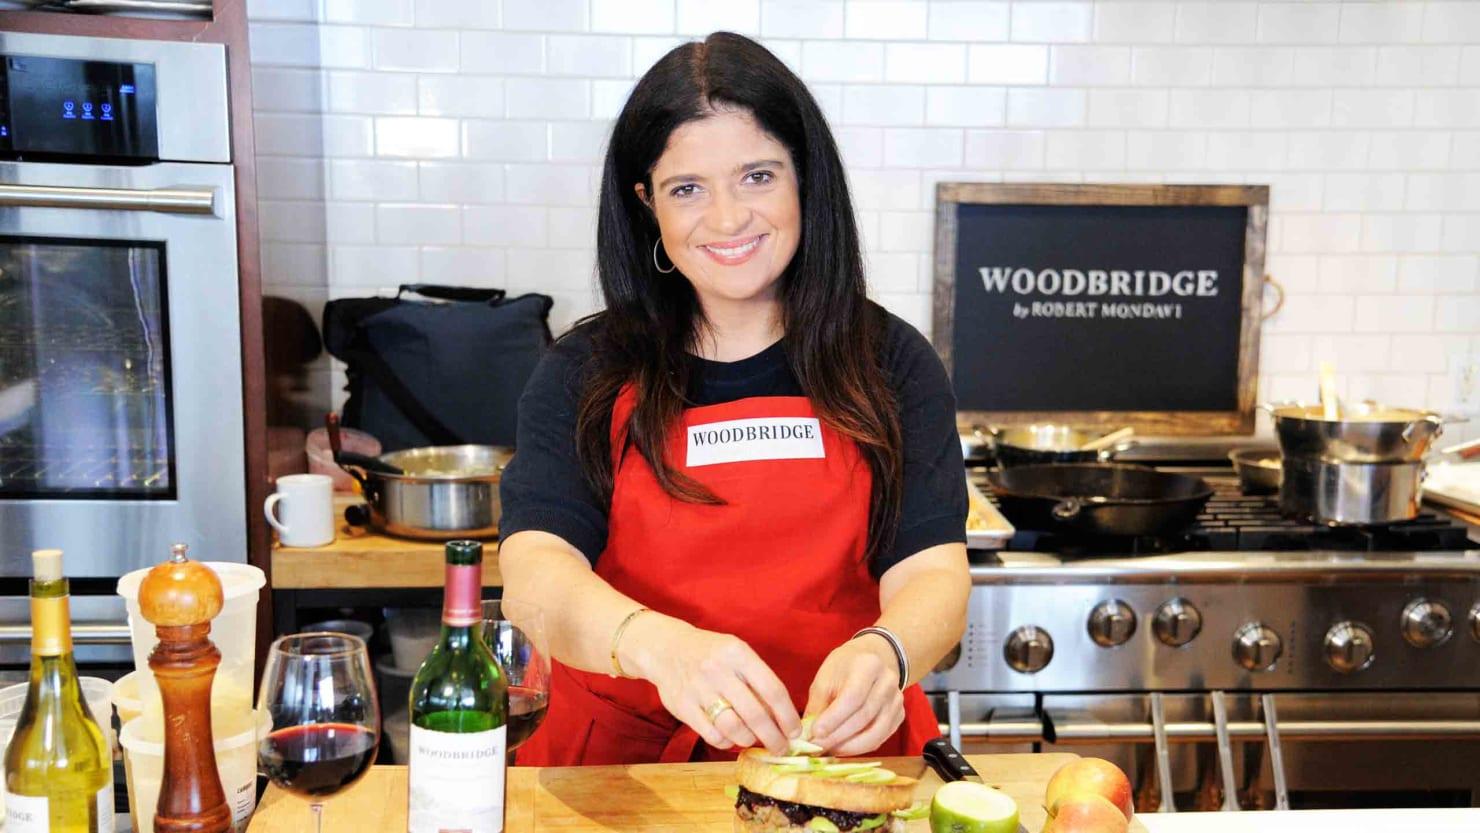 Iron Chef Alex Guarnaschelli Shares Her Kitchen Secrets